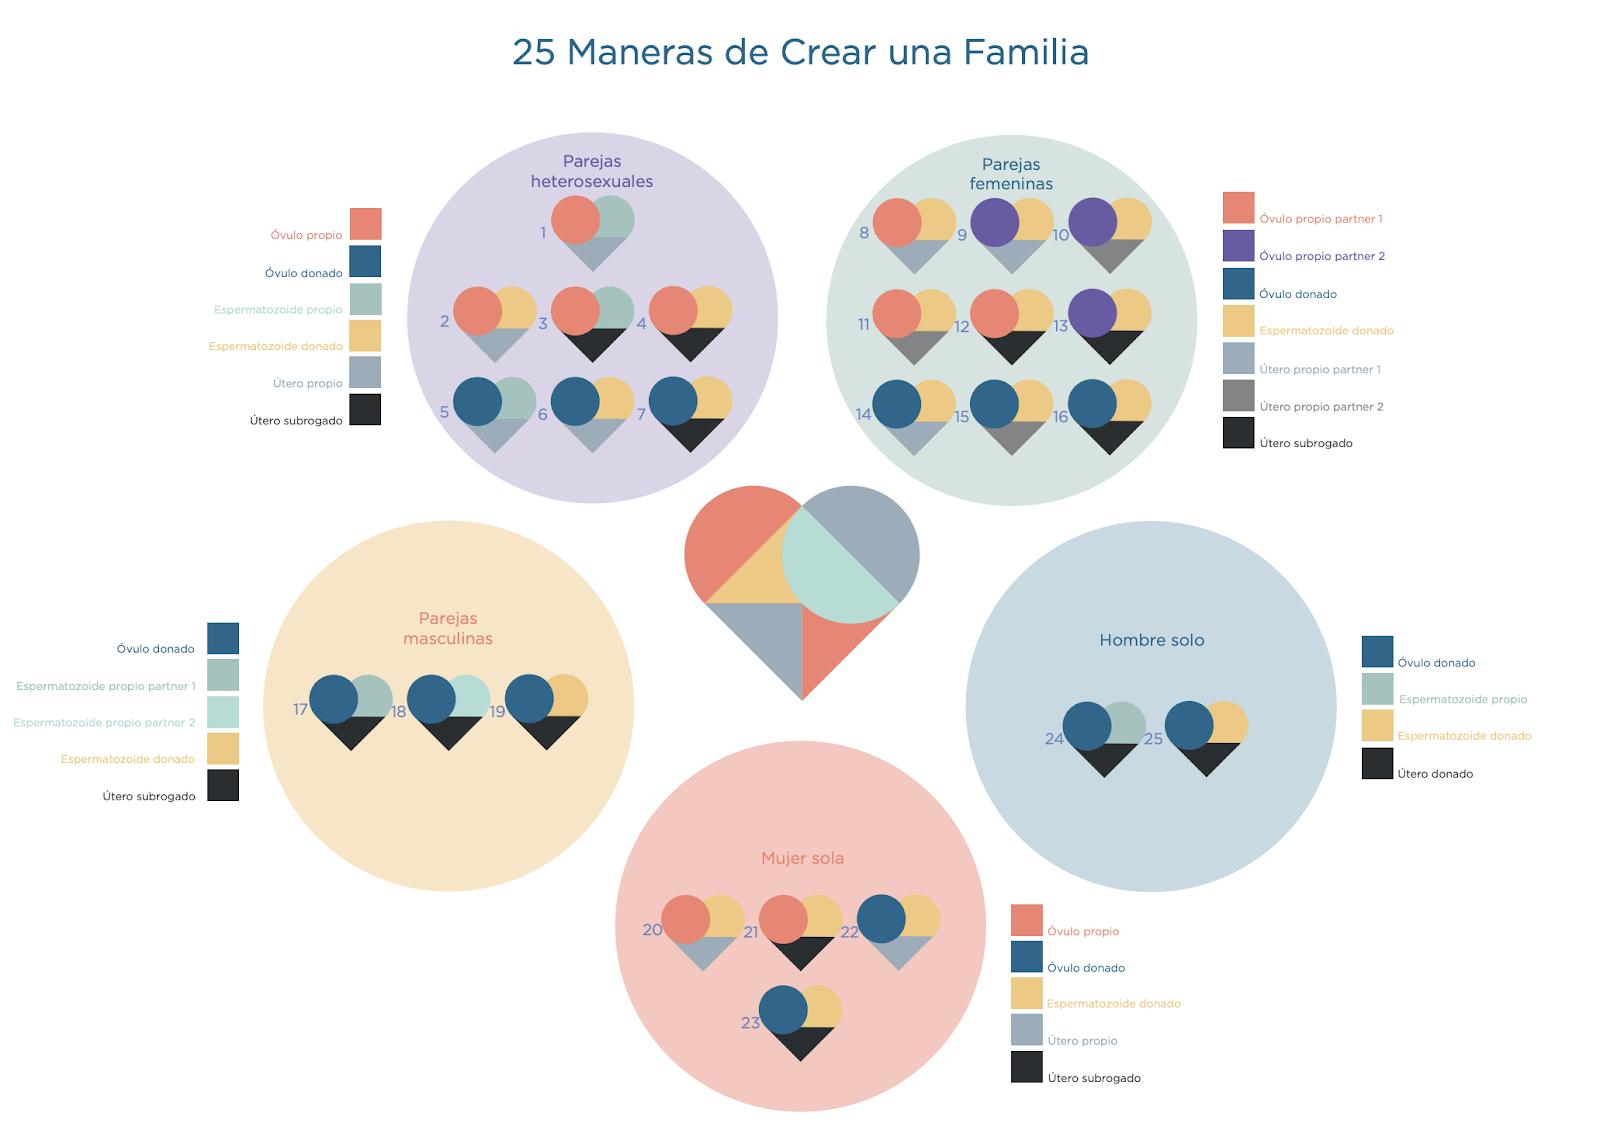 Infografía mostrando las 25 maneras de concebir